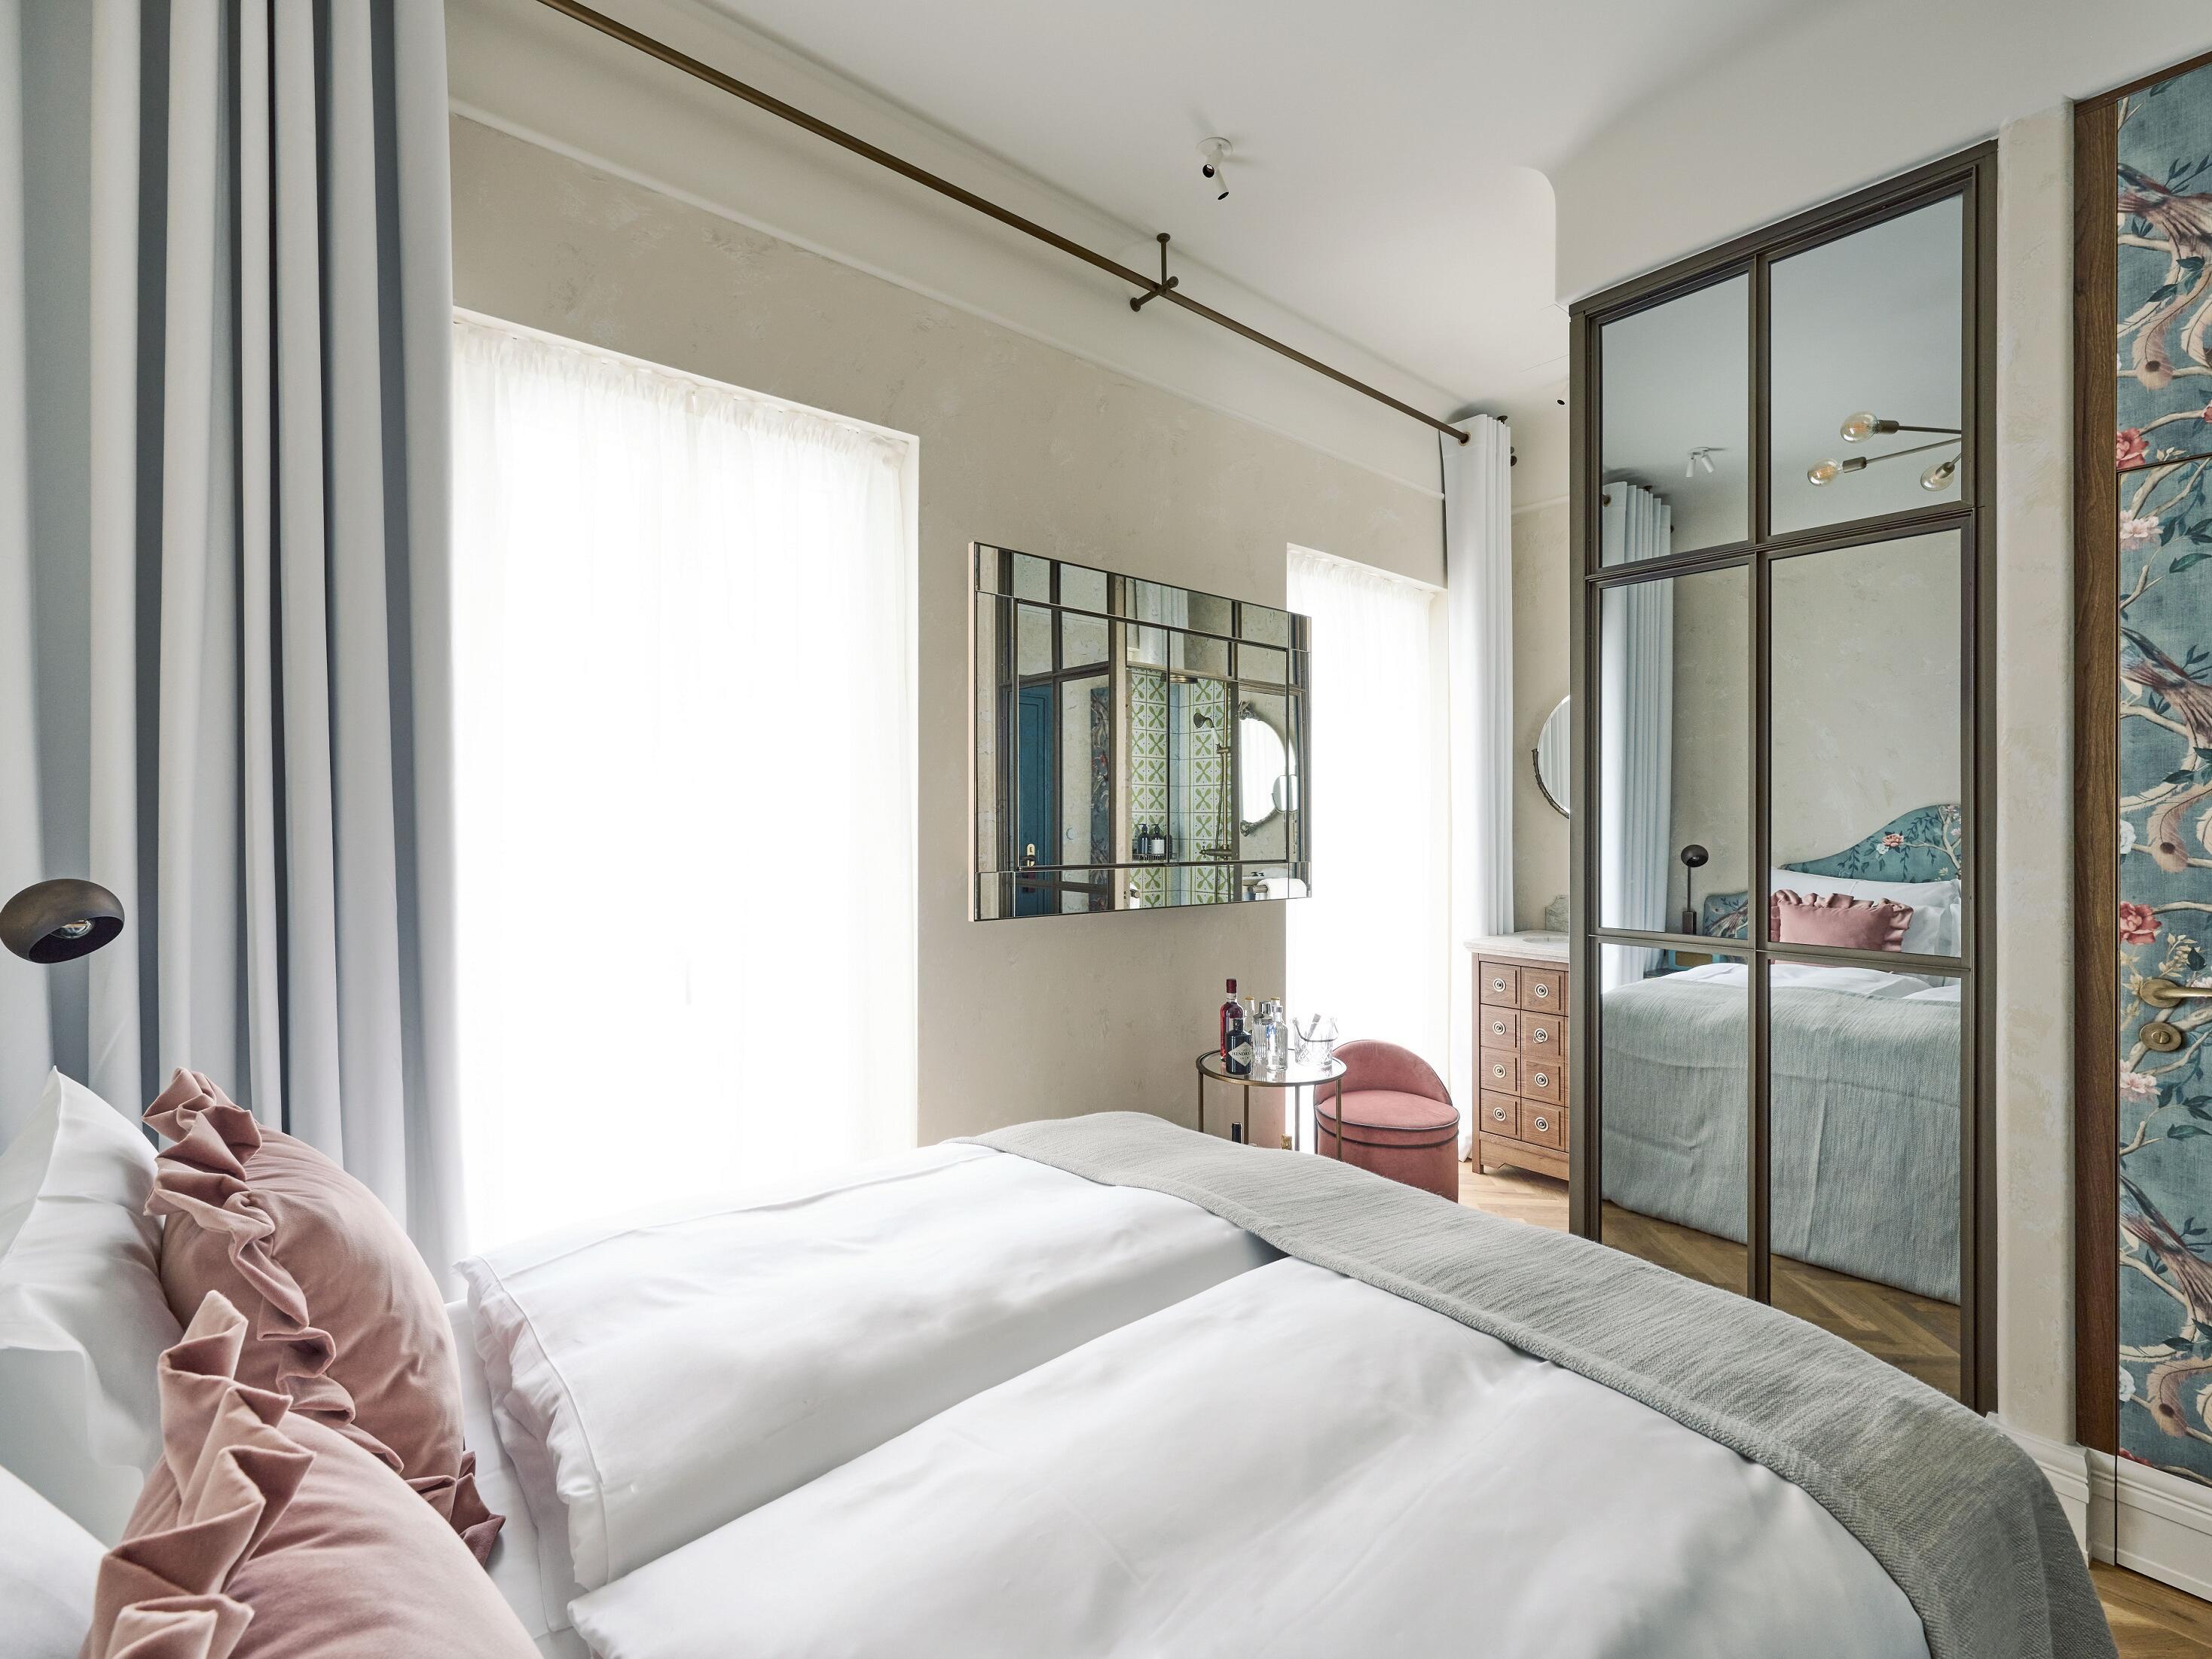 Sicht des Petit Zimmers vom Hotel Motto Wien